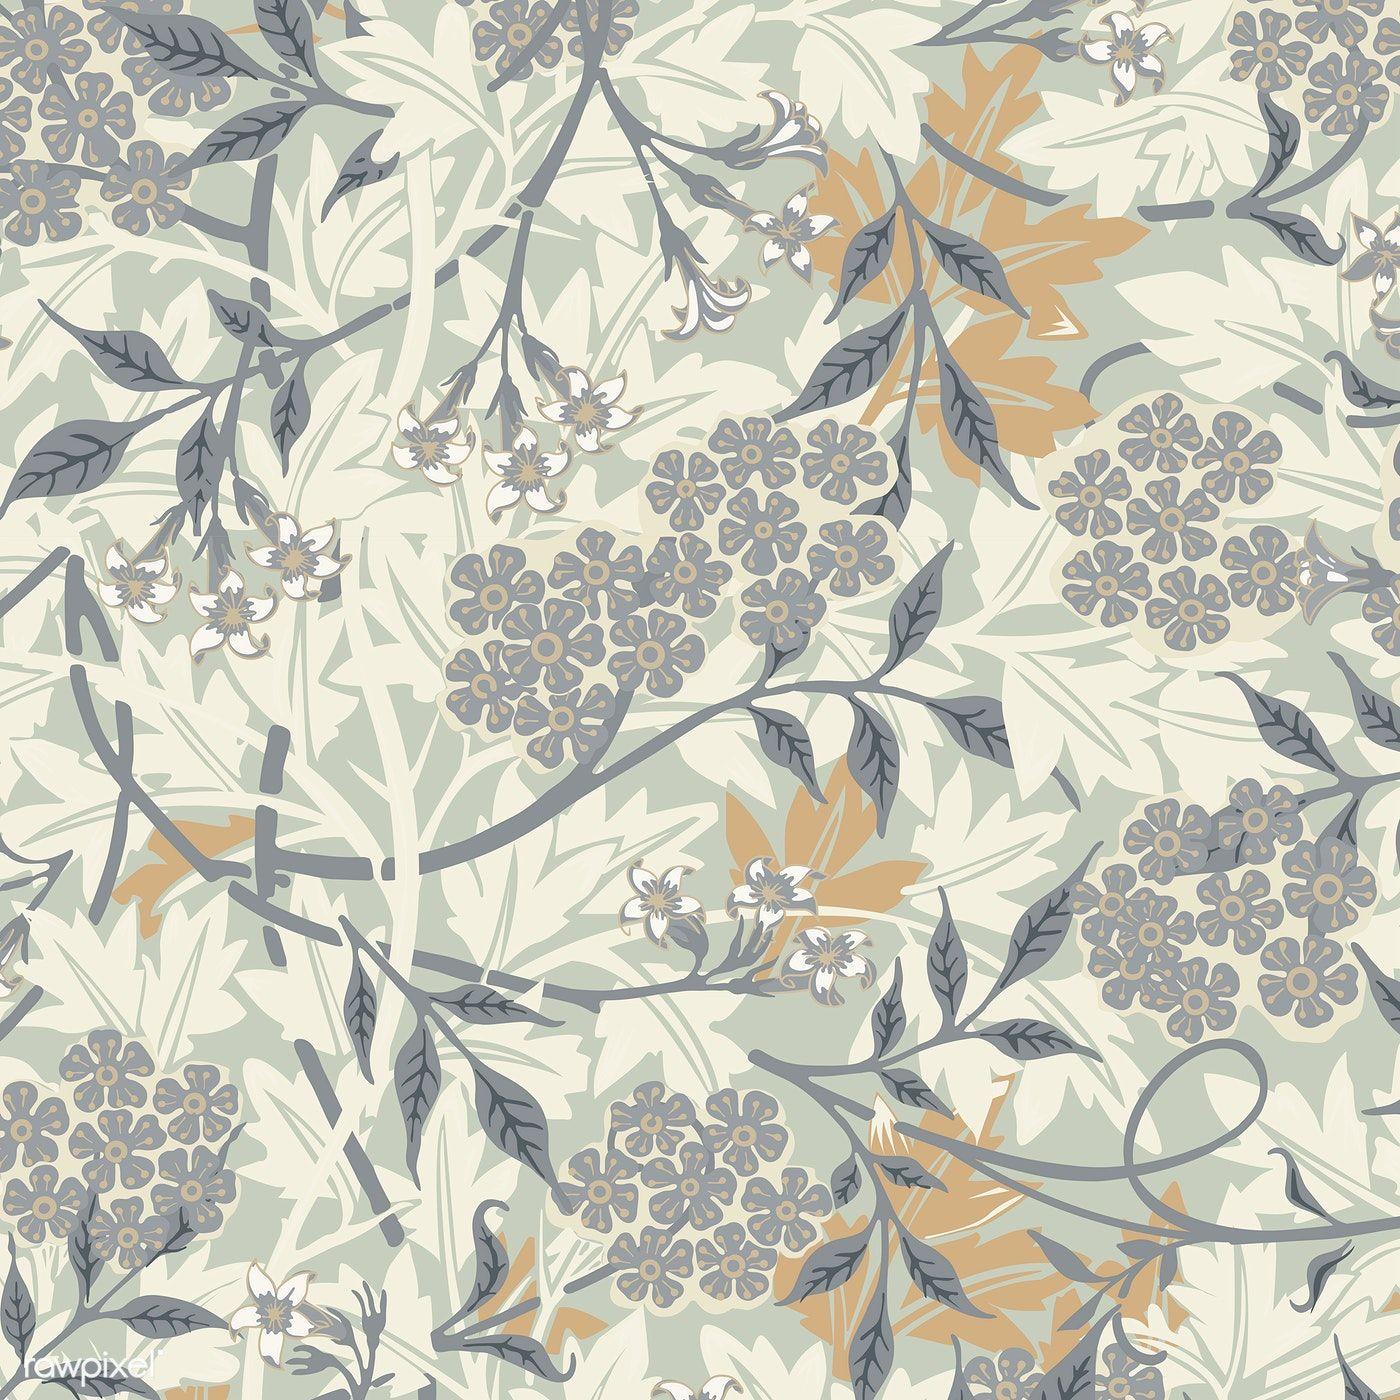 Download Premium Vector Of Vintage Illustration Of Jasmine 496095 Di 2020 Gaun Motif Bunga Bunga Kain